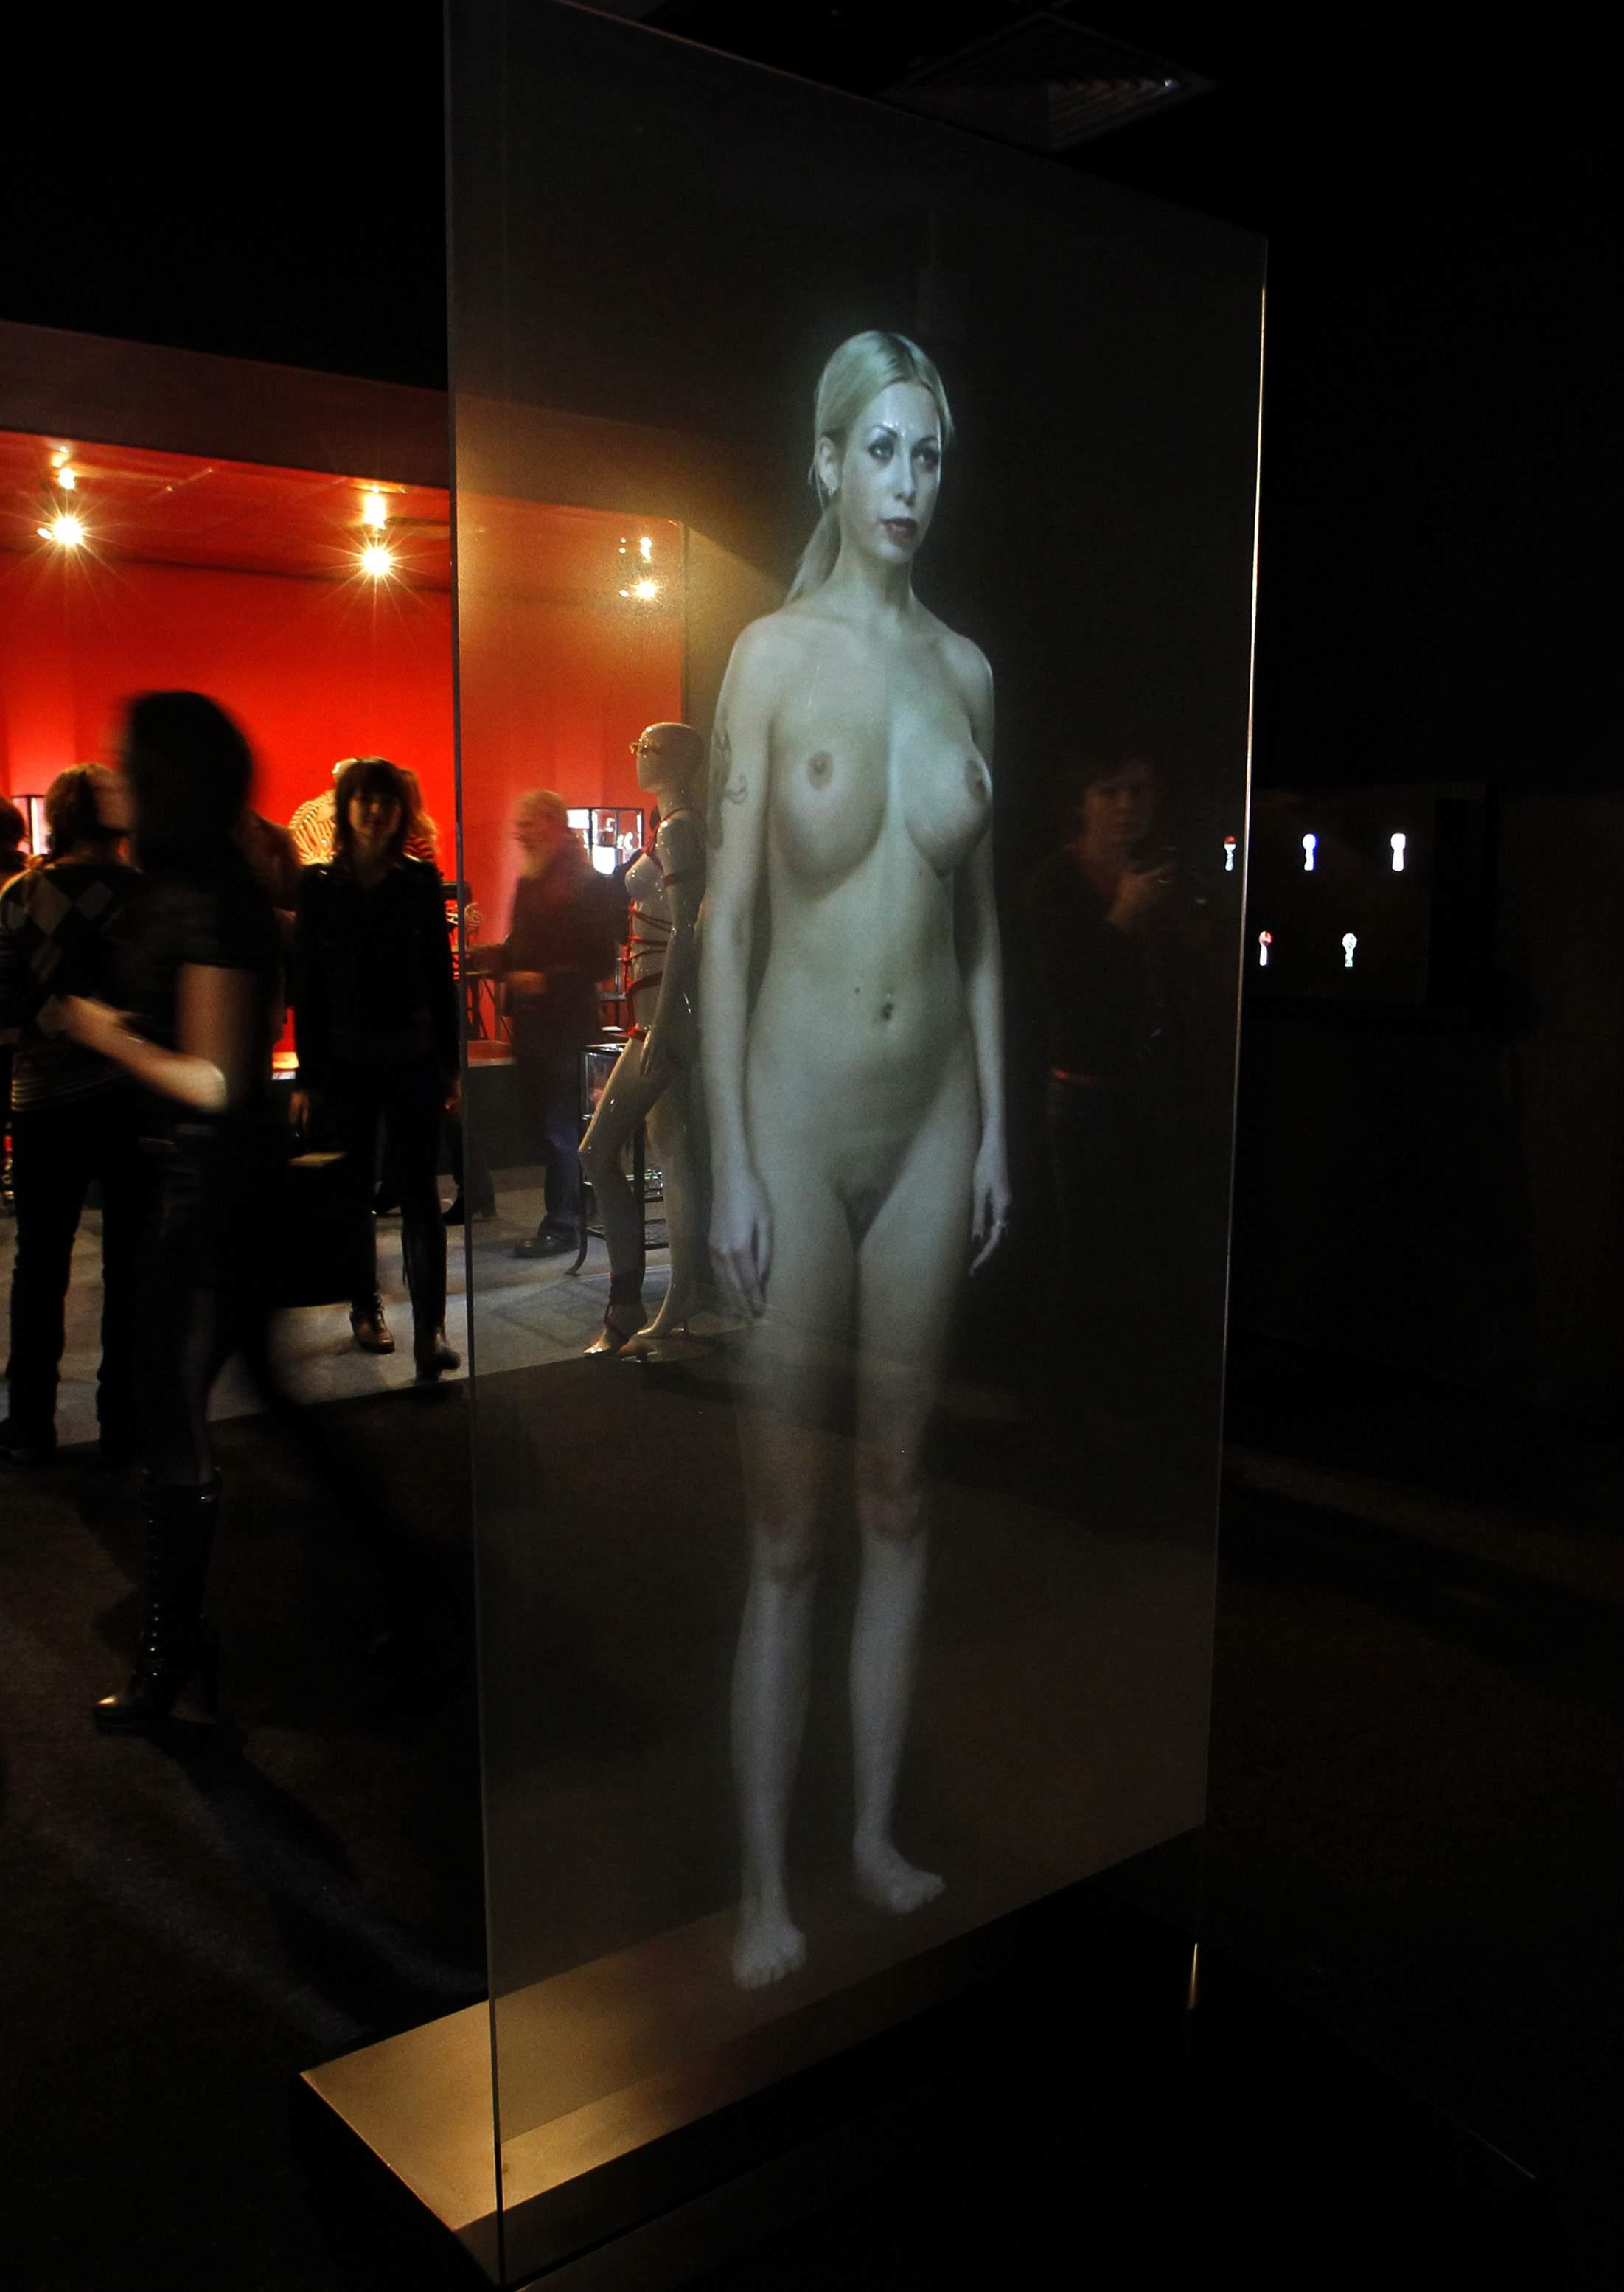 электрические разряды секс экспонаты и экспозиции факультета психологии